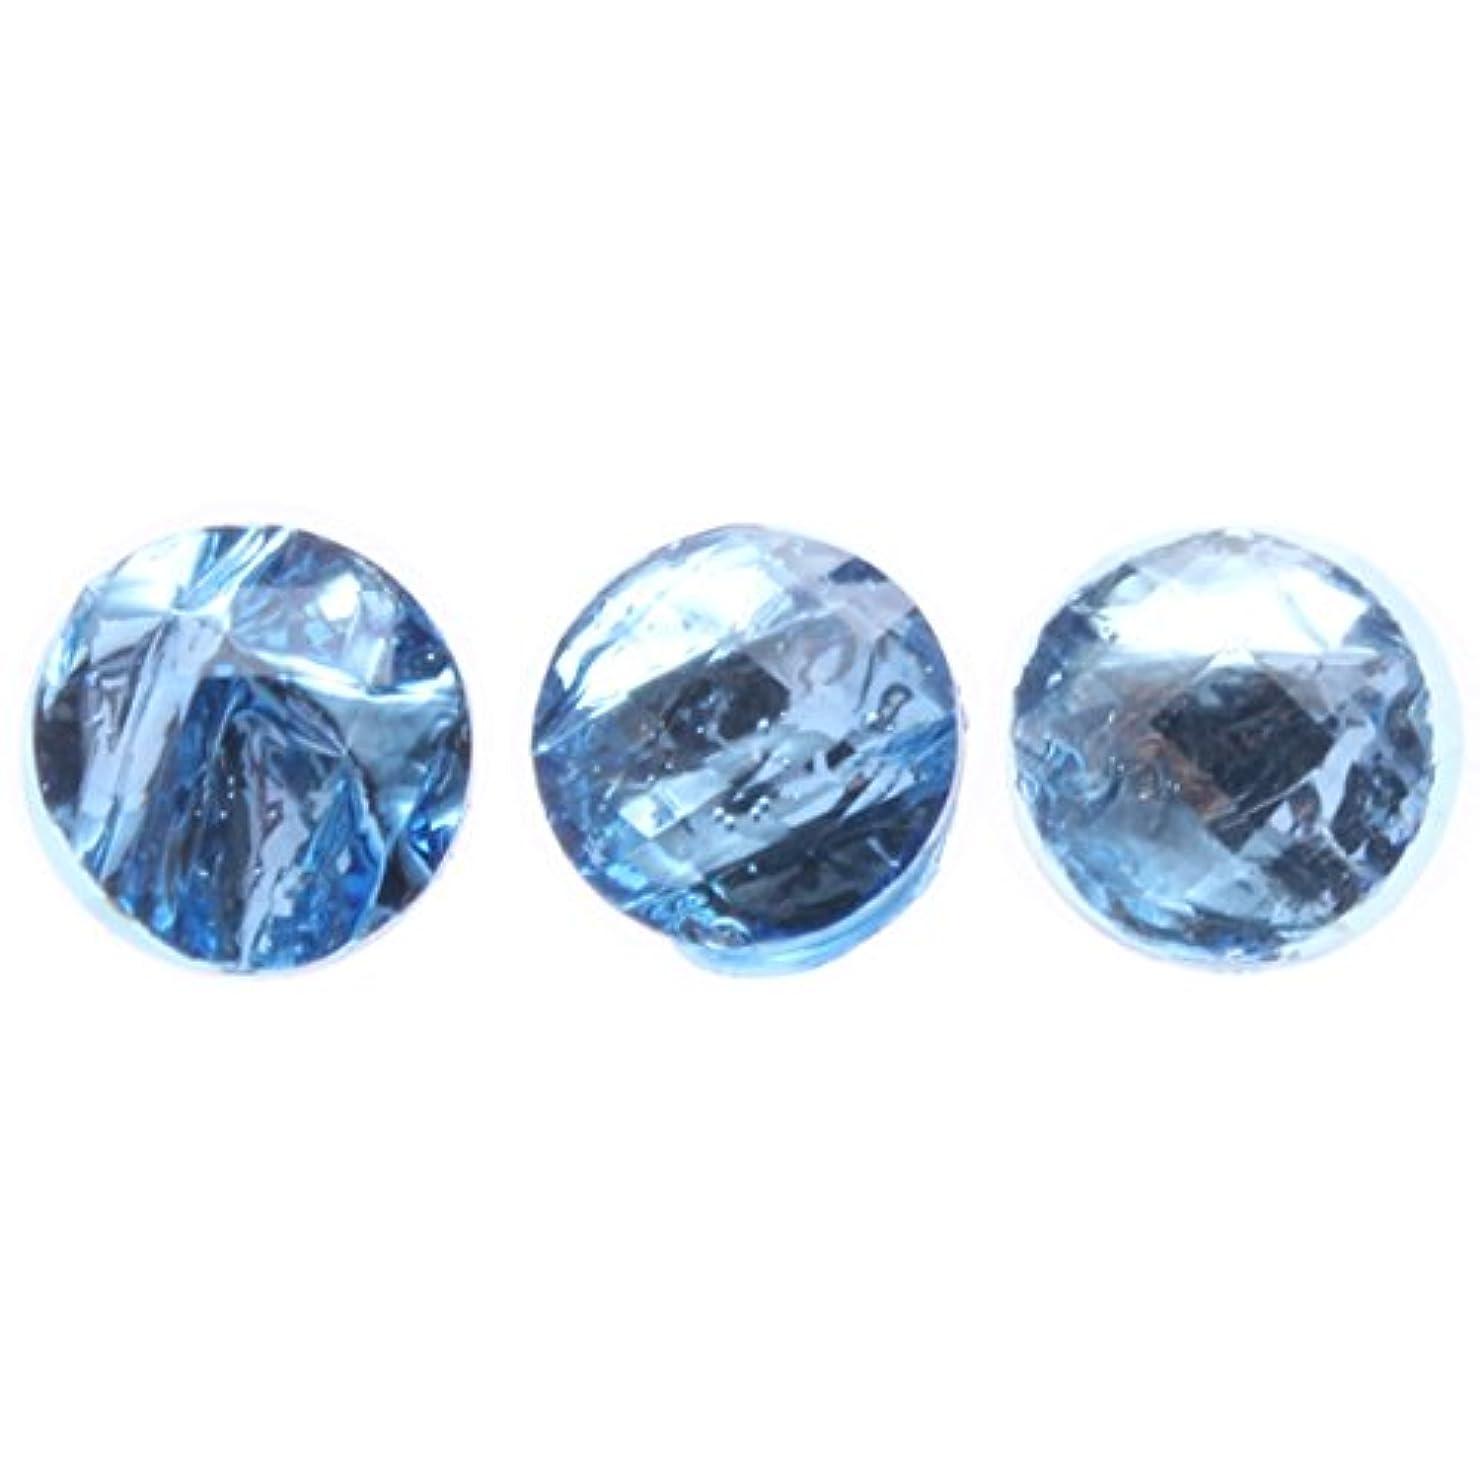 <エトゥベラ> スペースストーンラウンド6mm(各30個) ブルー